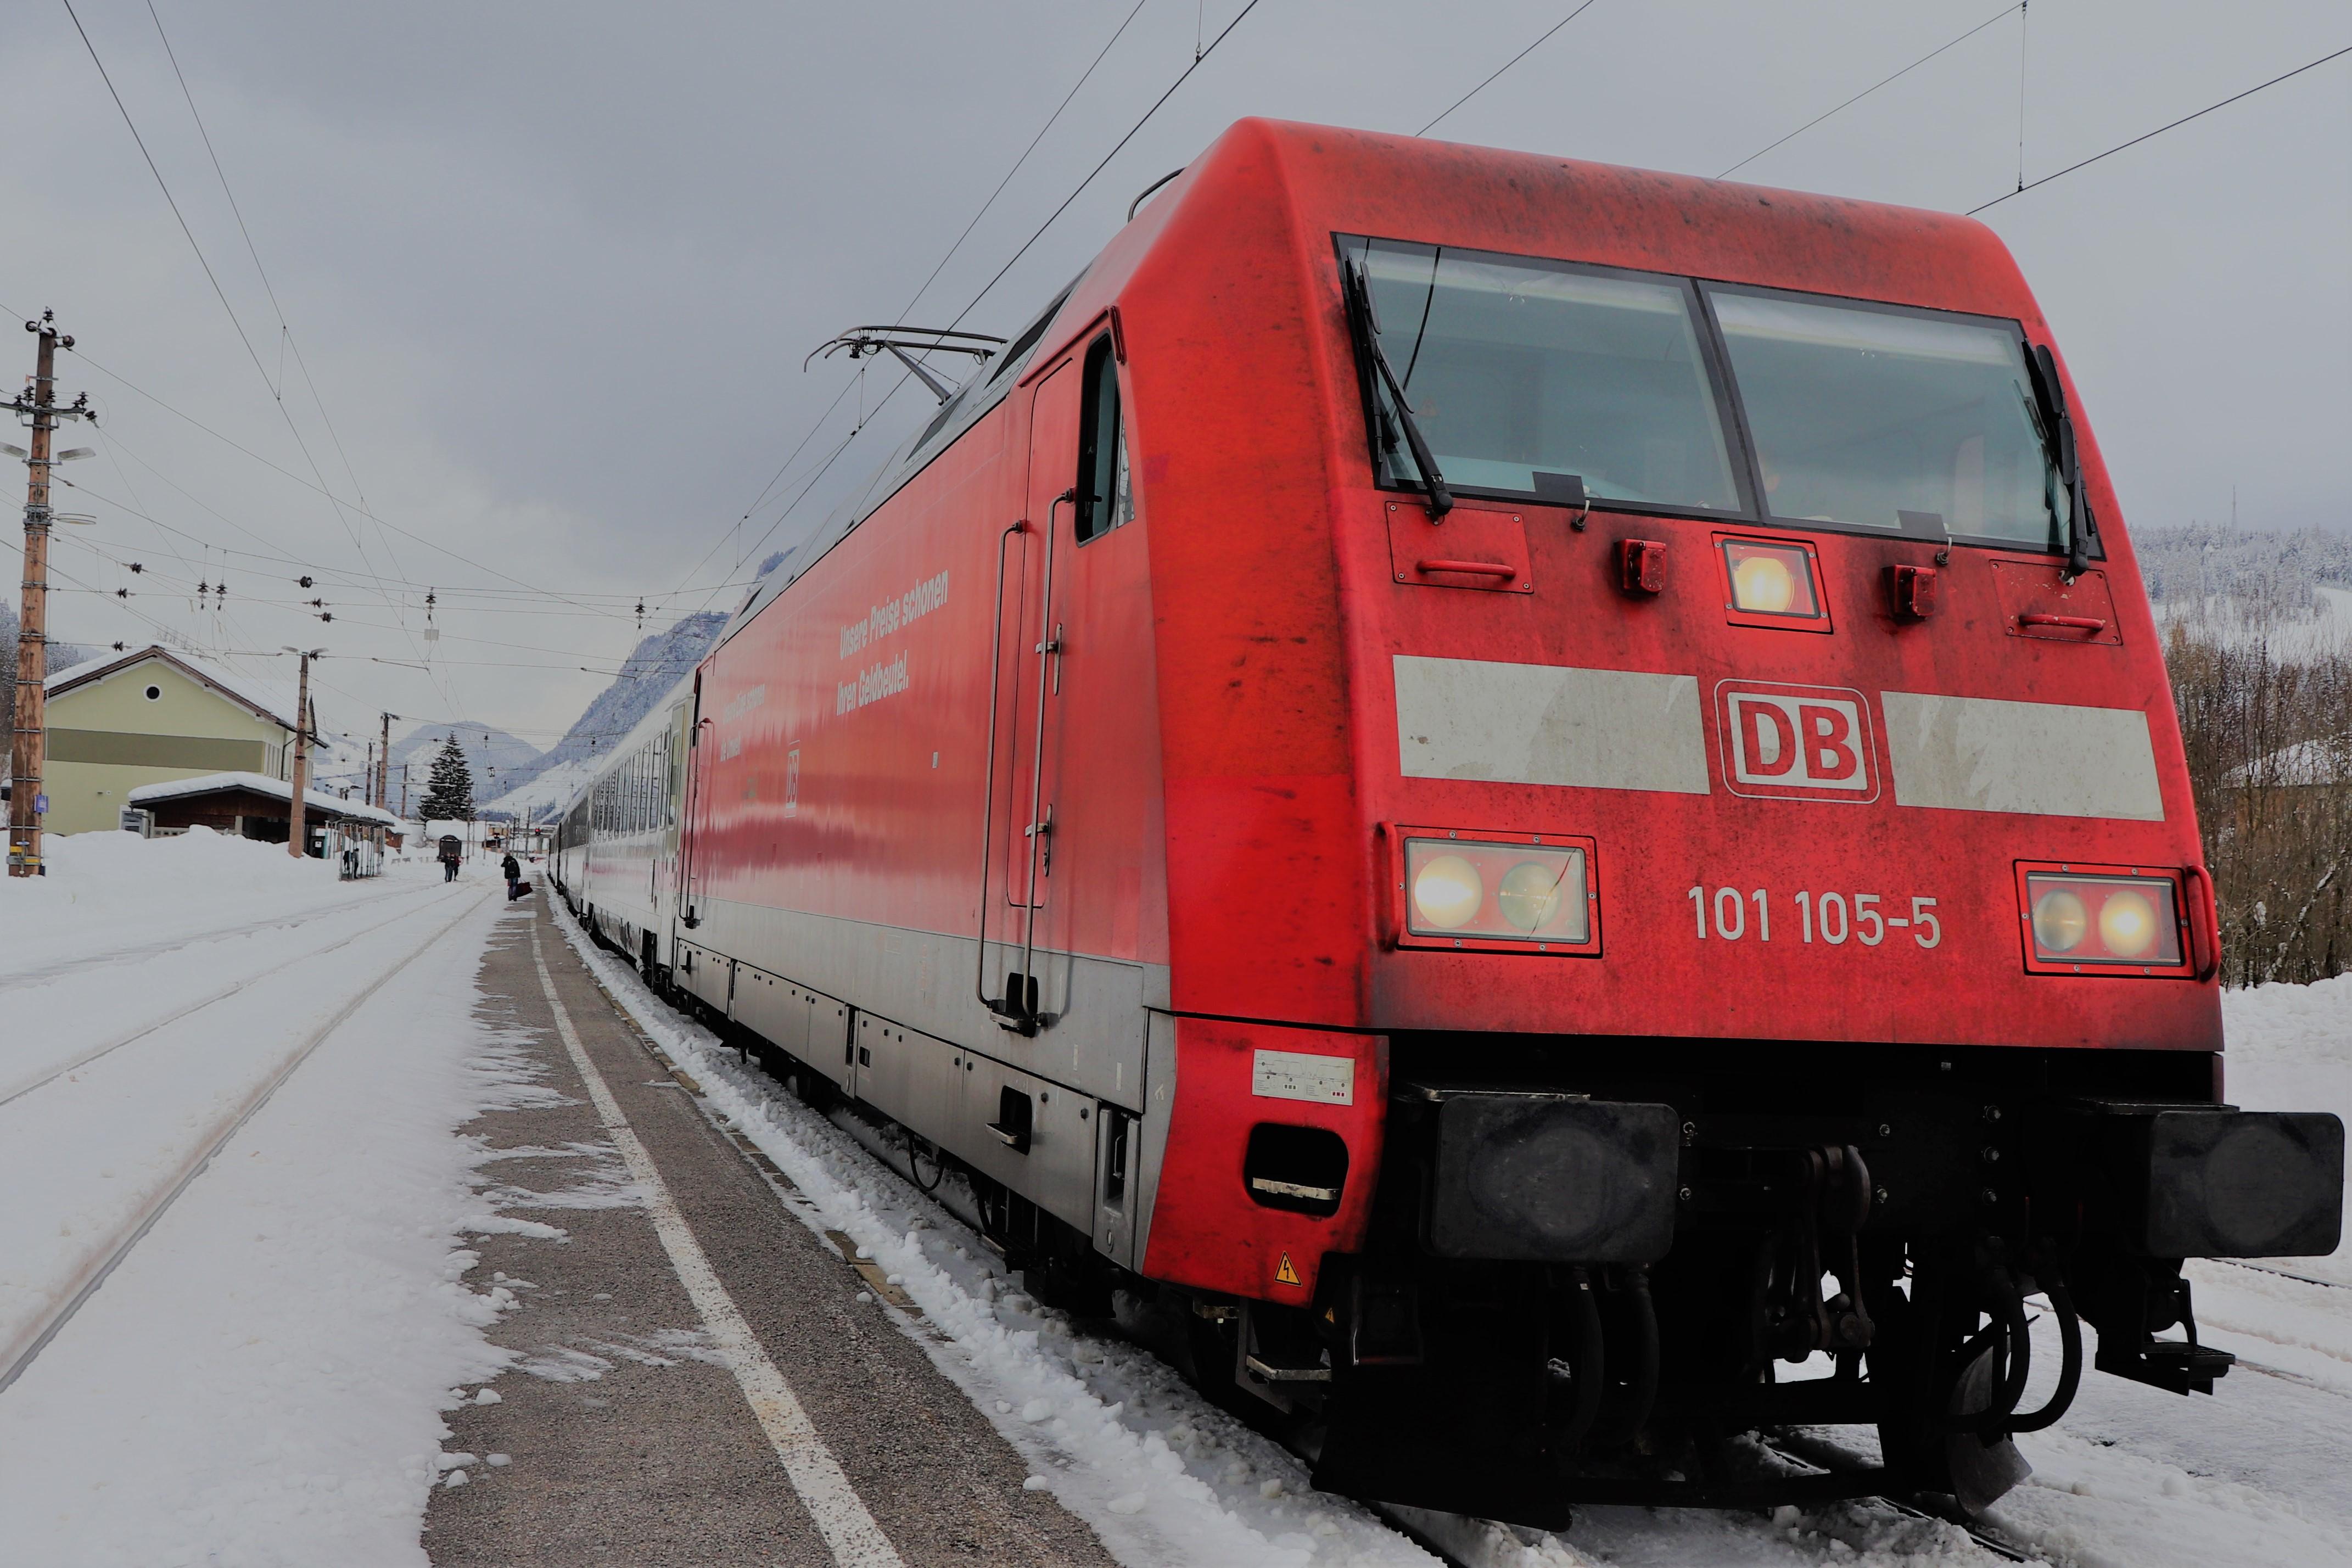 BR 101 im Bahnhof Radstadt